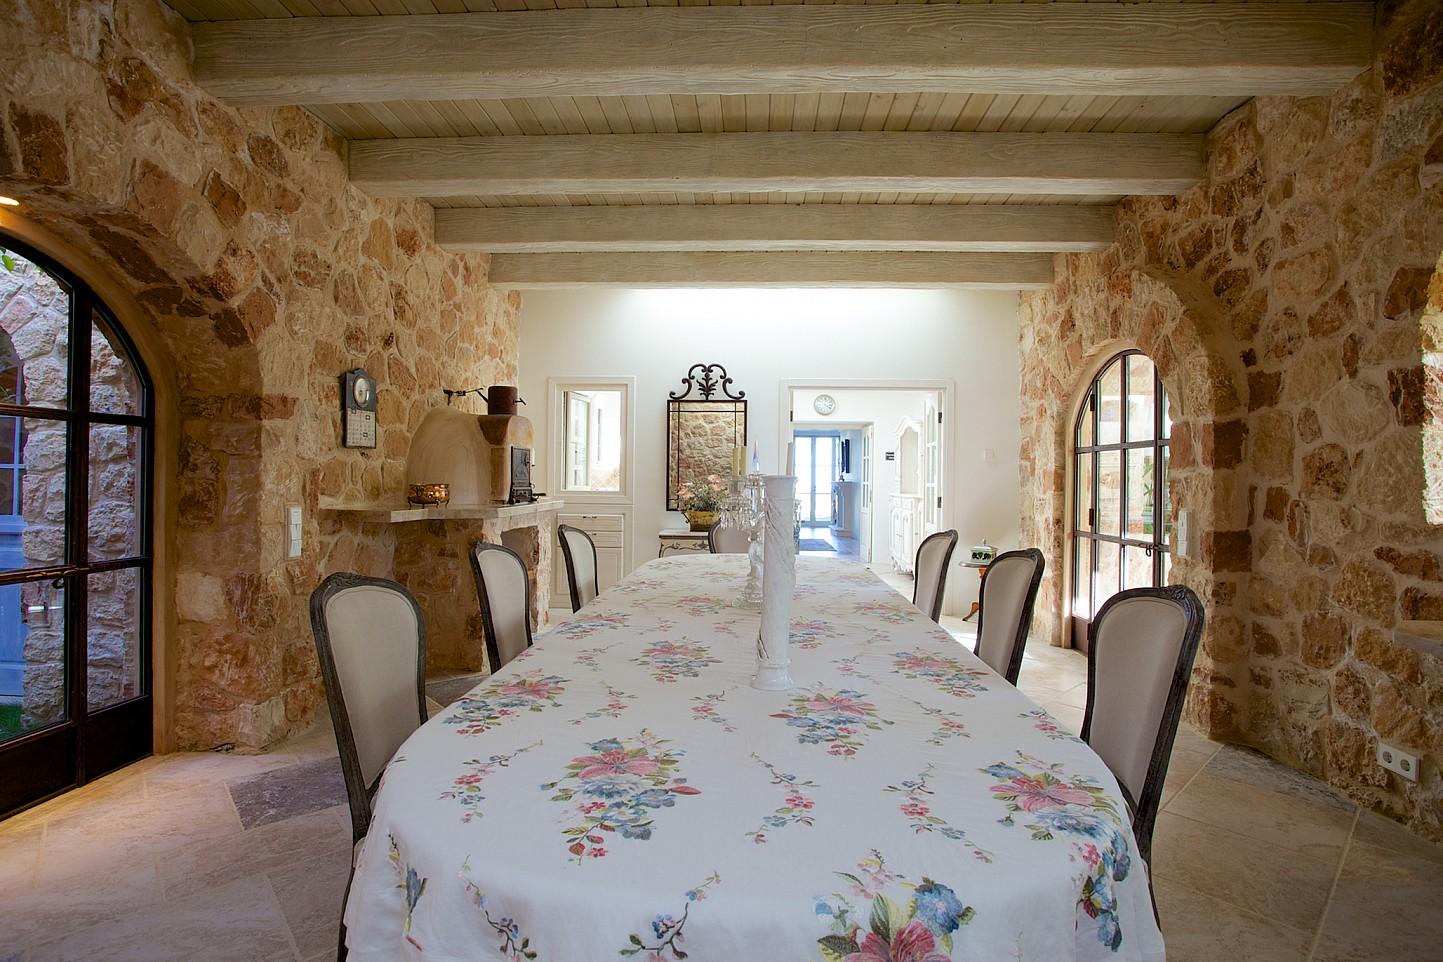 Comedor espacioso bien iluminado rodeado por ventanales arqueados